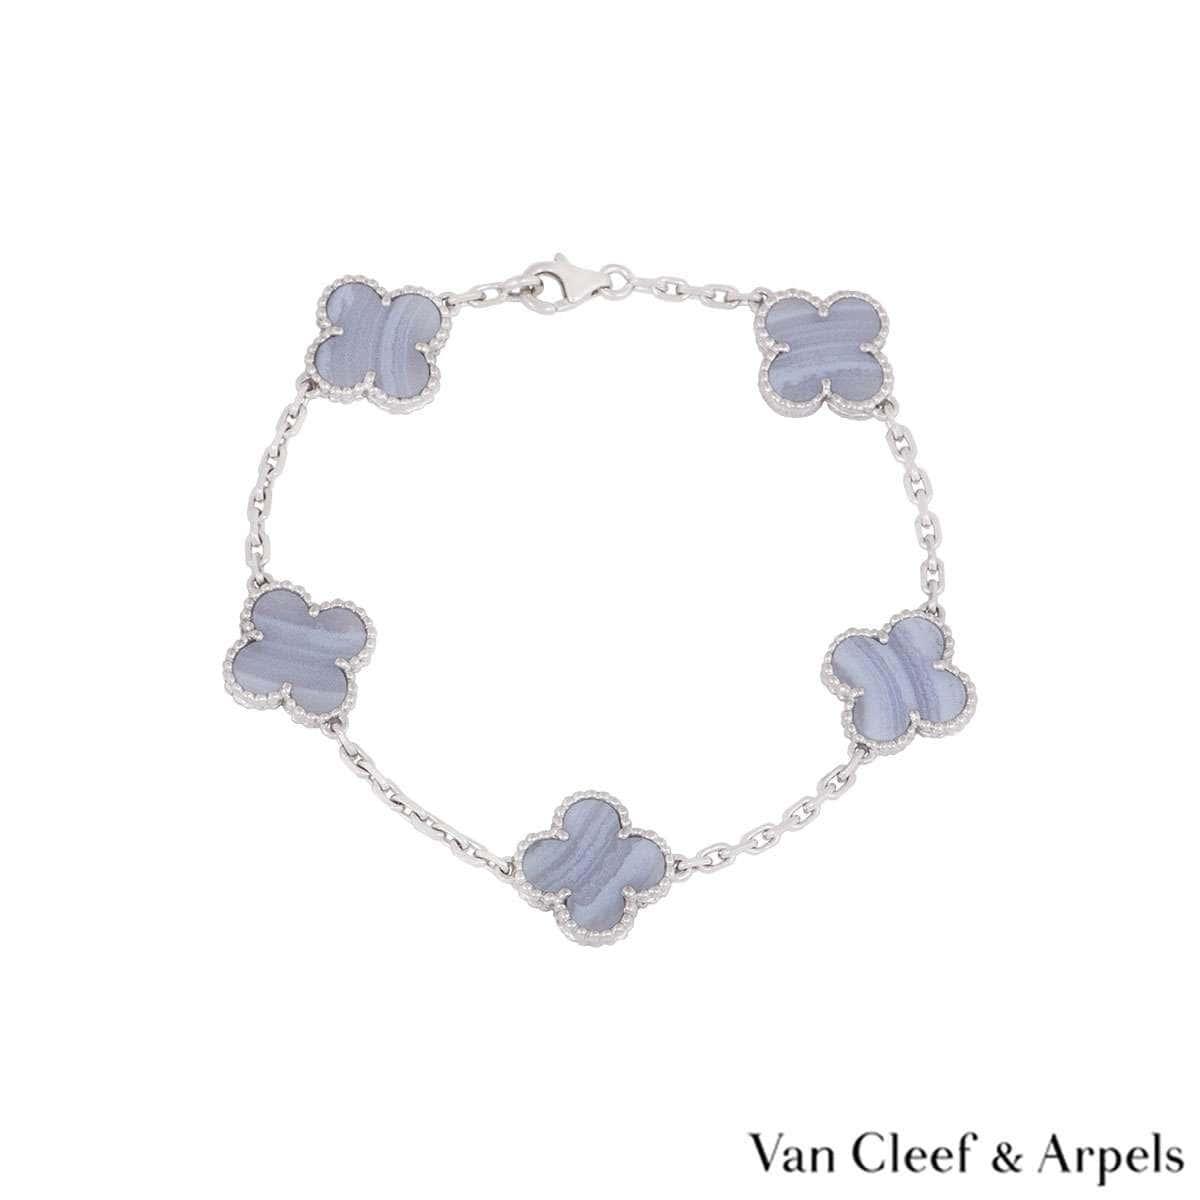 Van Cleef & Arpels White Gold Vintage Alhambra Bracelet VCARD34700